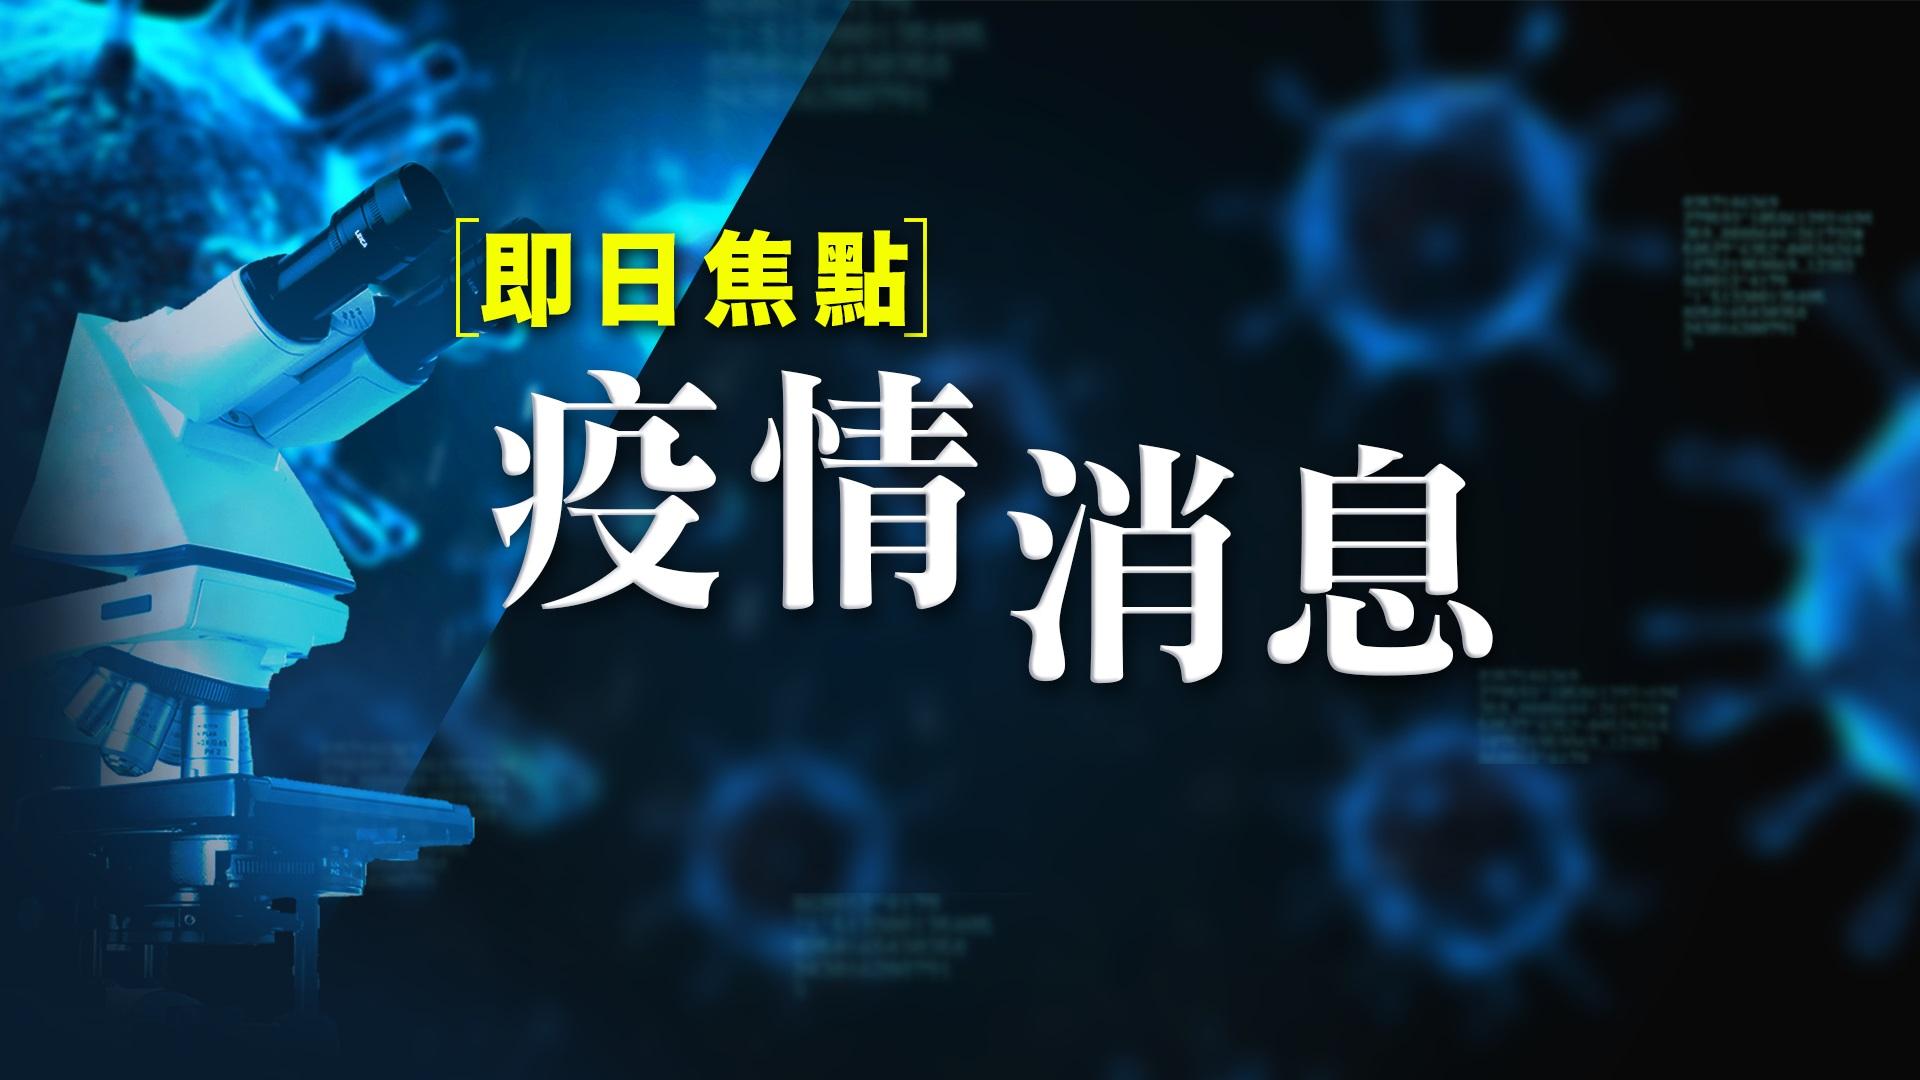 【即日焦點‧疫情消息】邱騰華指港台提台灣加入世衛問題違一國原則 工會斥政治打壓;安倍倡派棉布口罩被批愚蠢